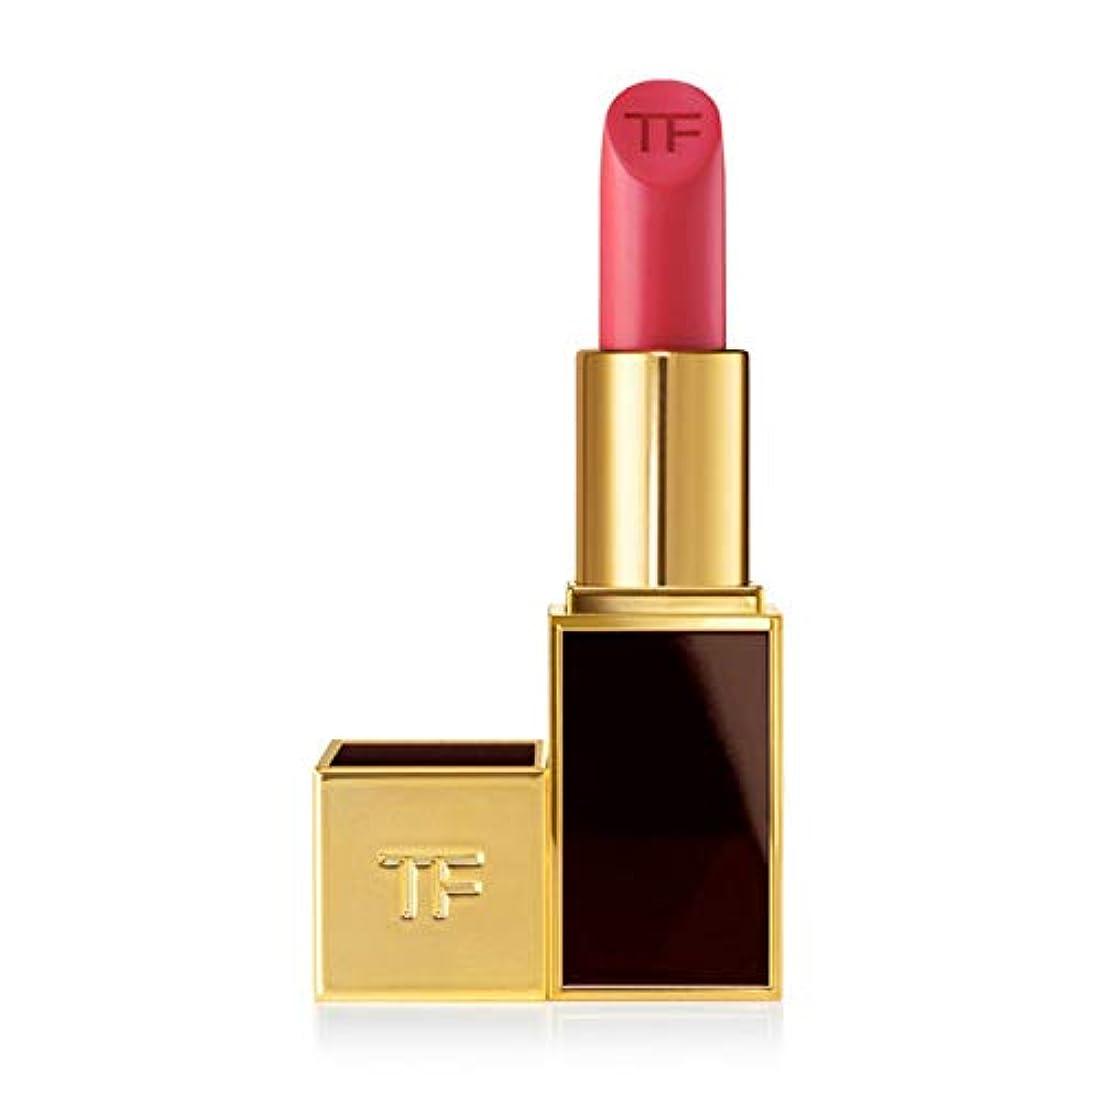 息苦しいピケぴかぴかトムフォード TOM FORD リップカラー マット #36 パーフェクト キス/PERFECT KISS 3g [並行輸入品]